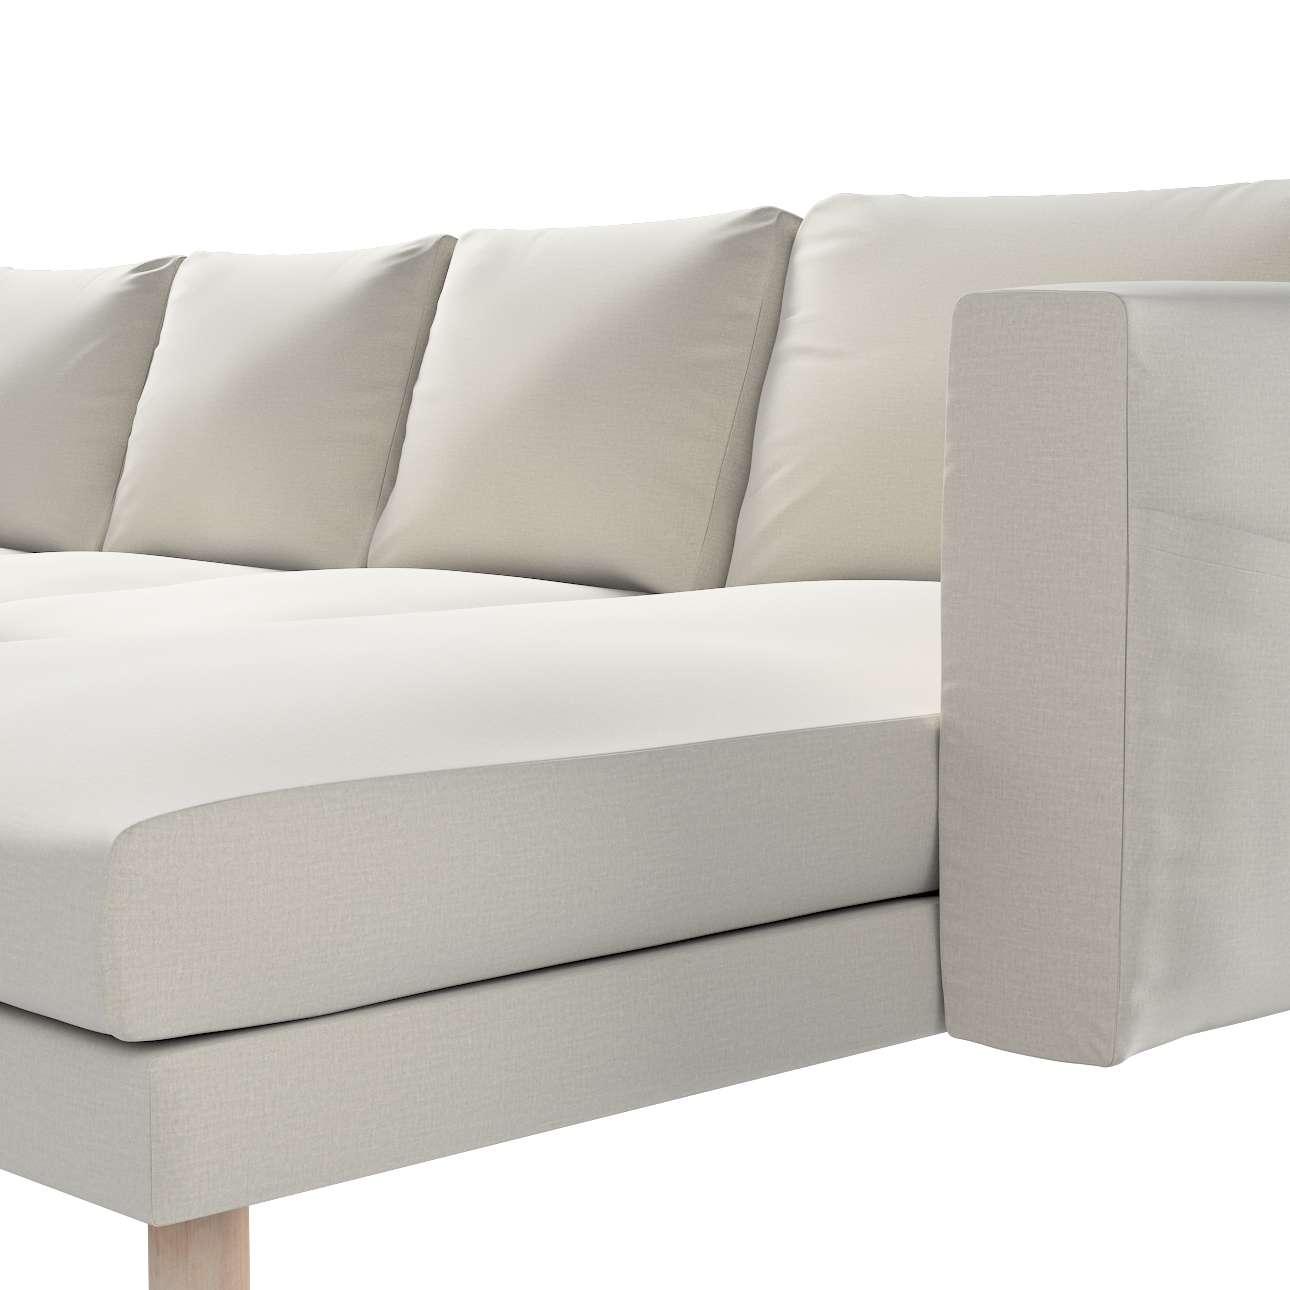 Pokrowiec na sofę Norsborg 4-osobową z szezlongiem w kolekcji Ingrid, tkanina: 705-40